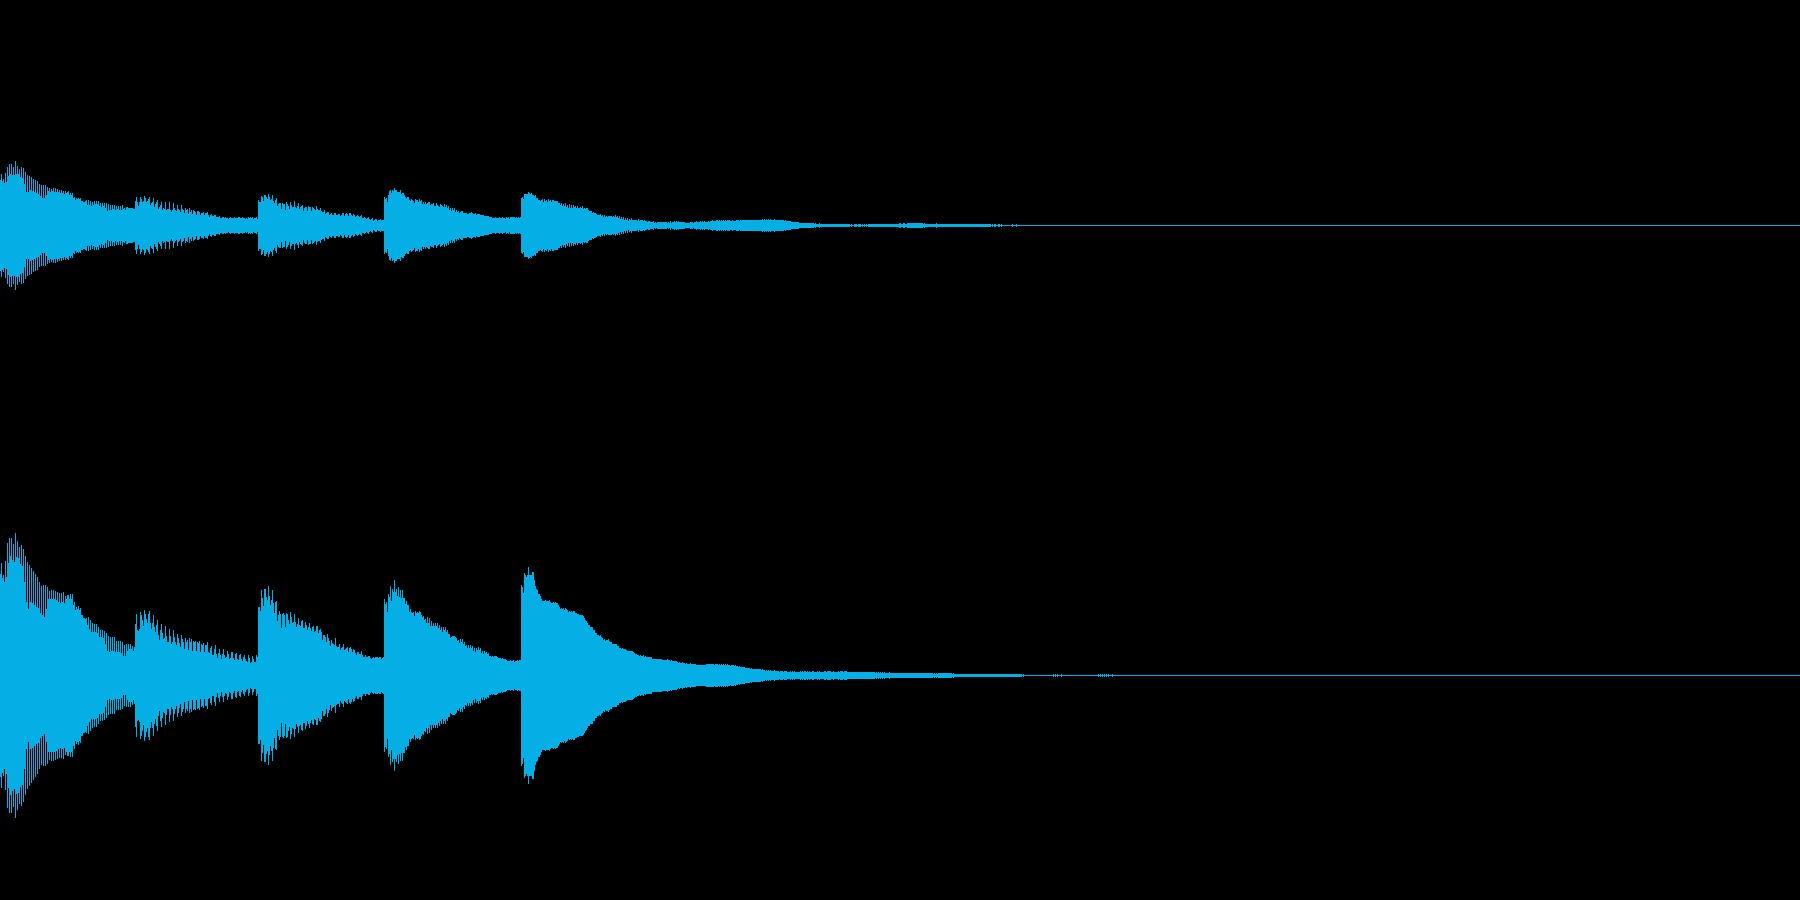 マリンバのアプリ起動音です。の再生済みの波形